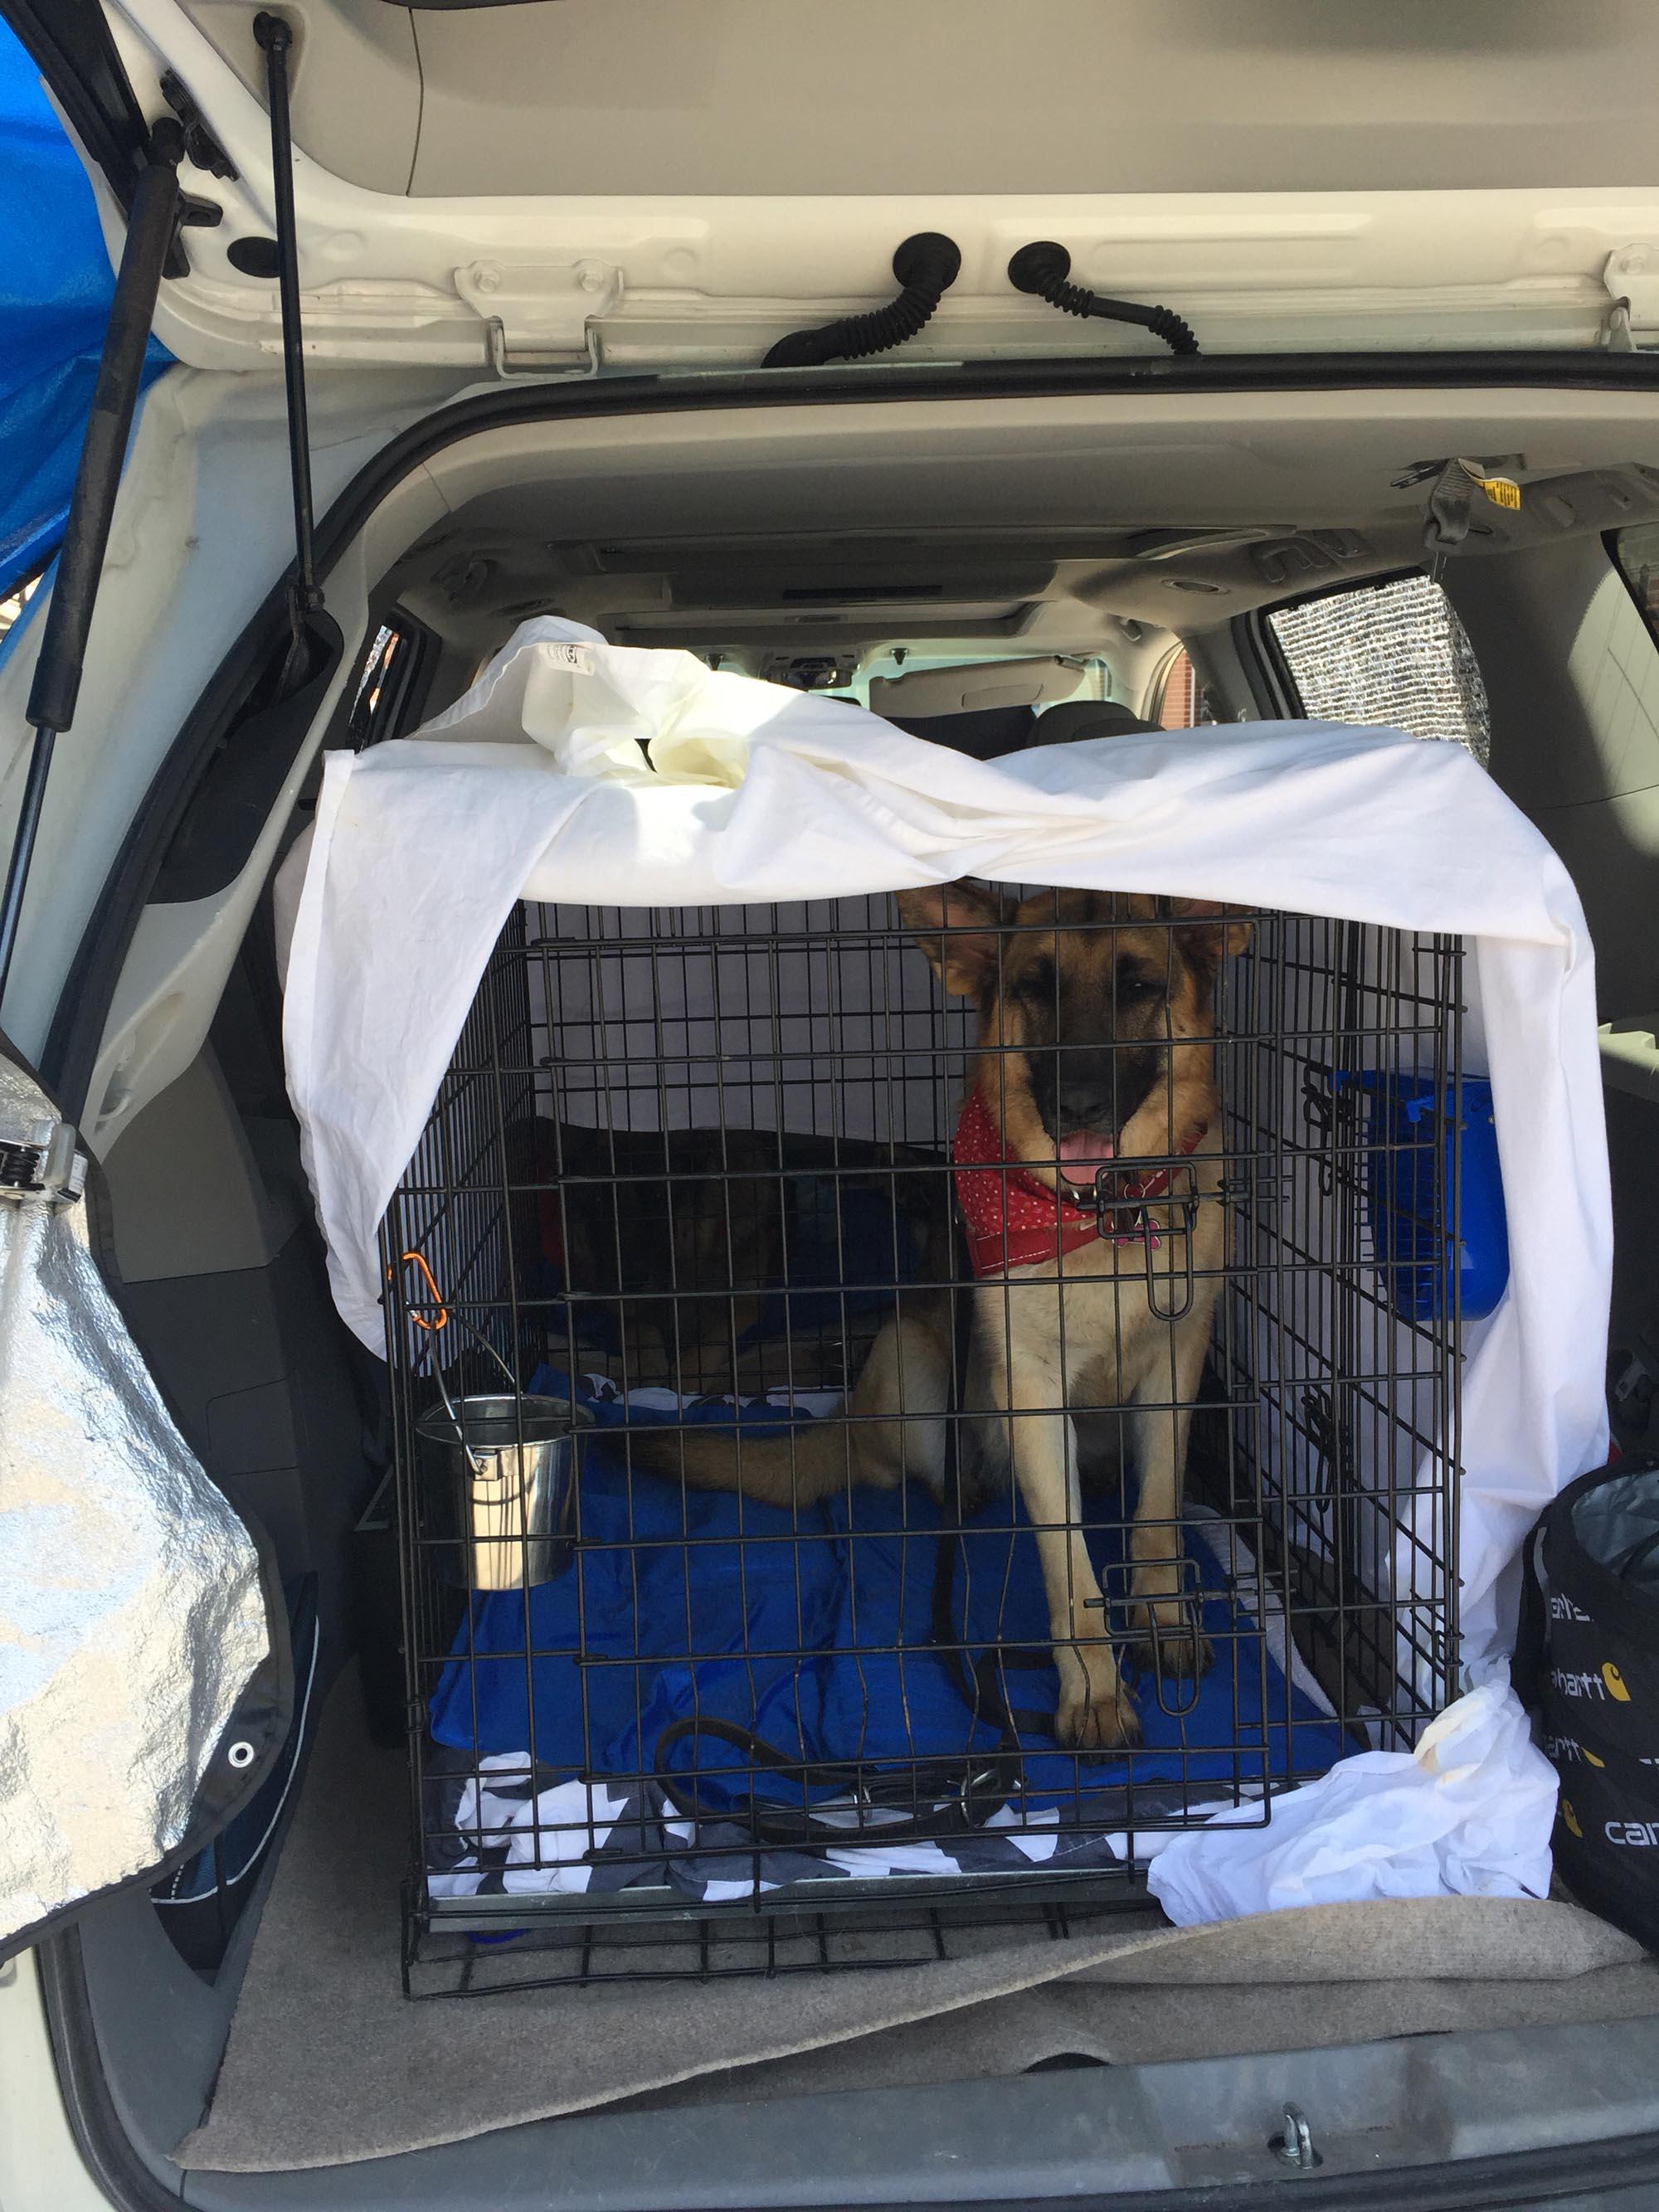 German Shepherd Dog in a crate in a car.